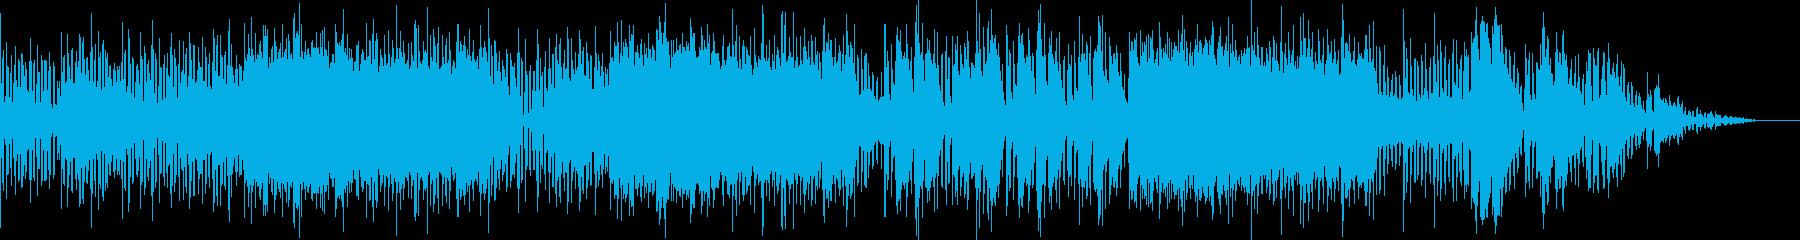 動画 サスペンス 静か 希望的 期...の再生済みの波形